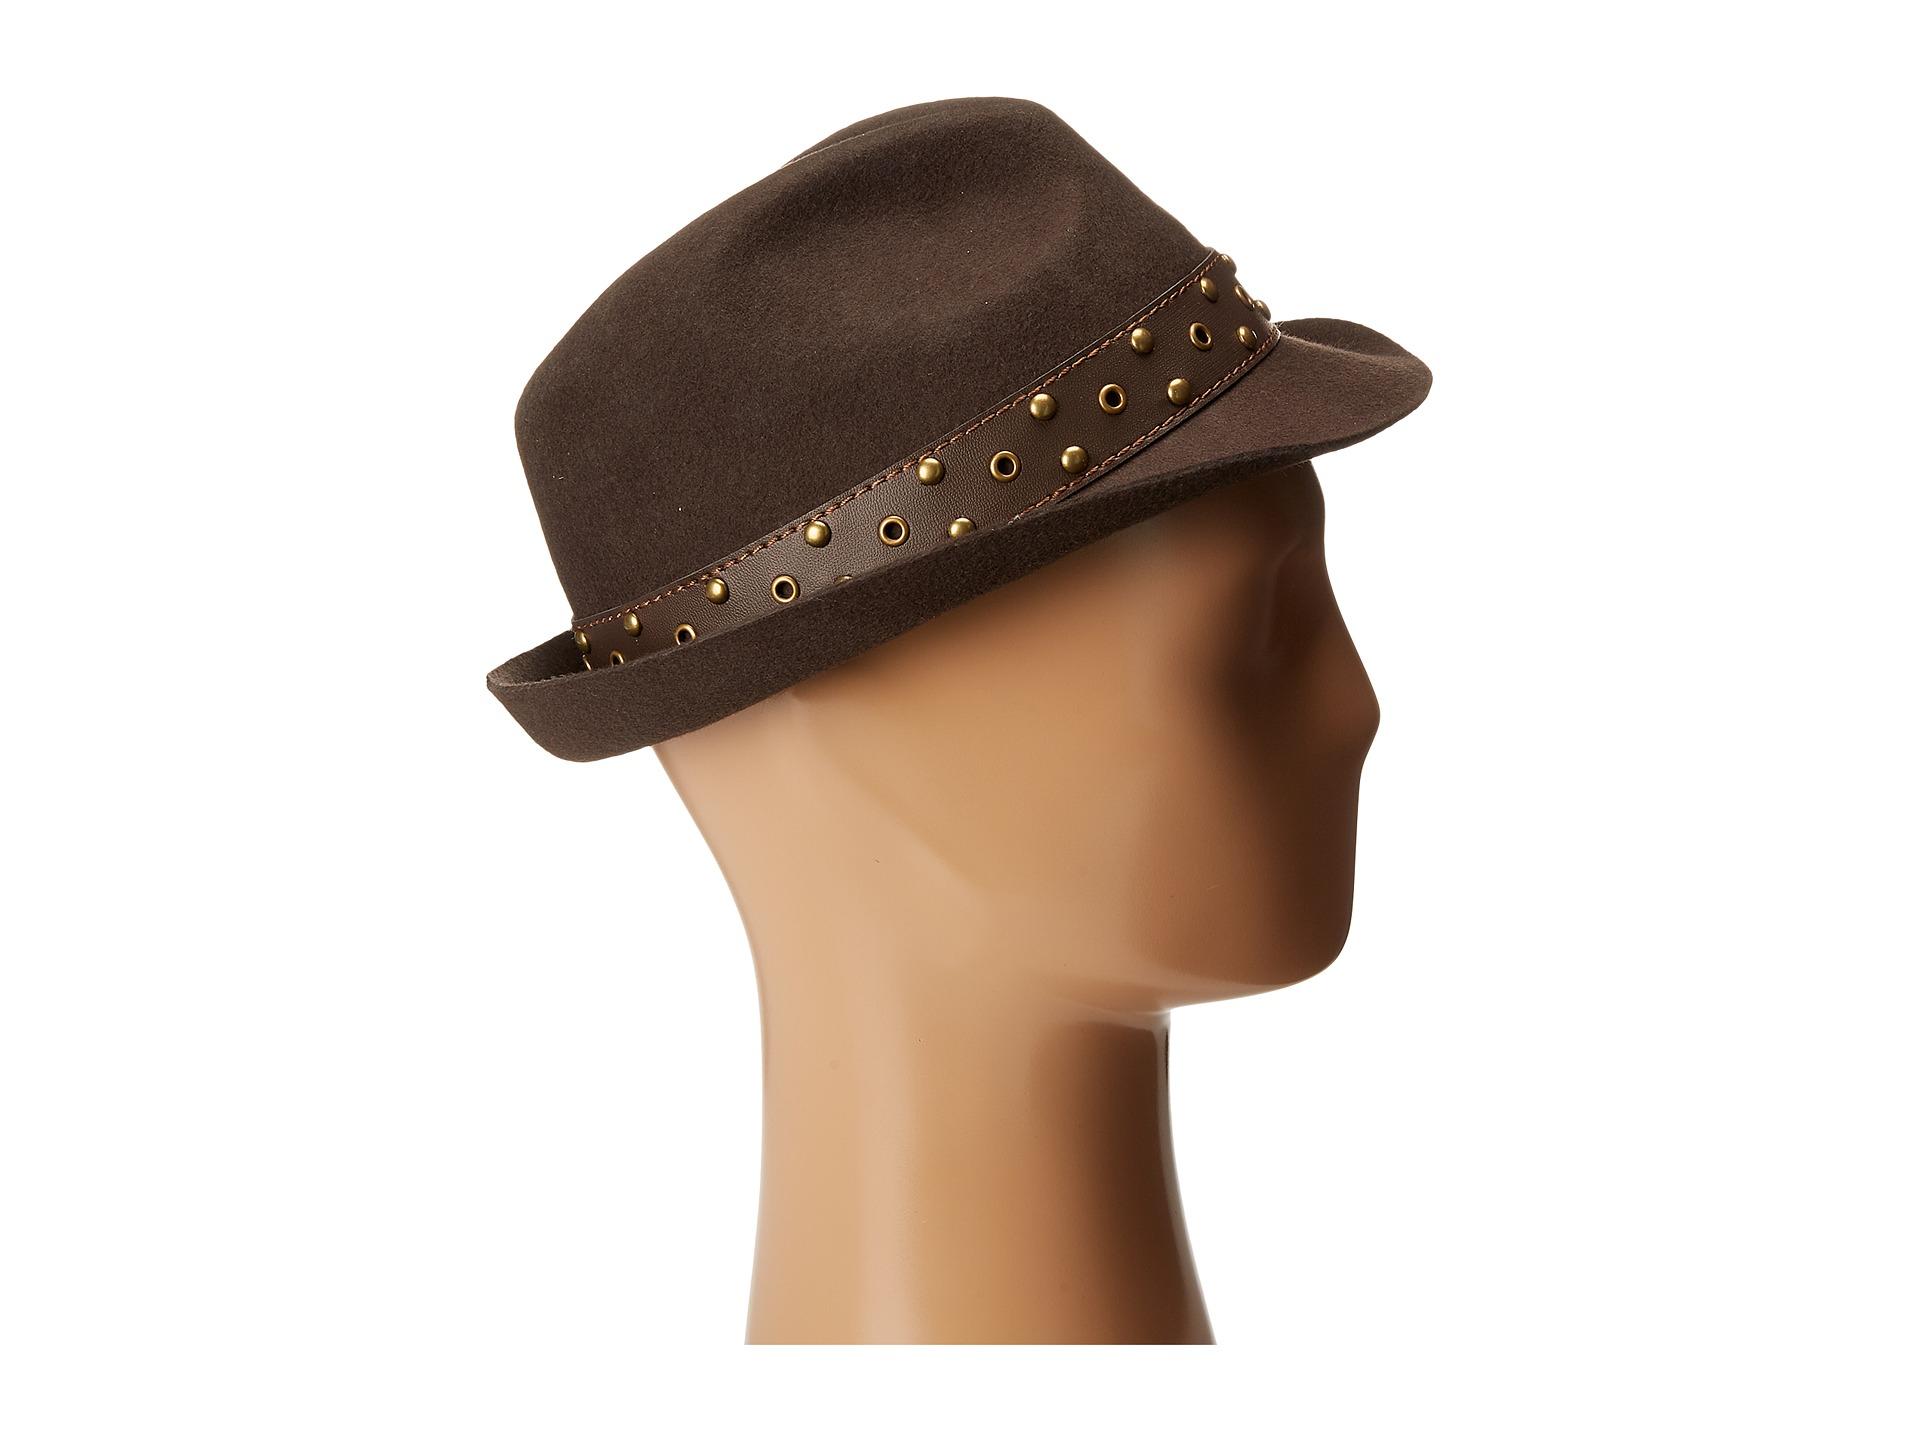 839eb82d80c Lyst - Carlos By Carlos Santana Wool Fedora With Teardrop Crown Hat ...